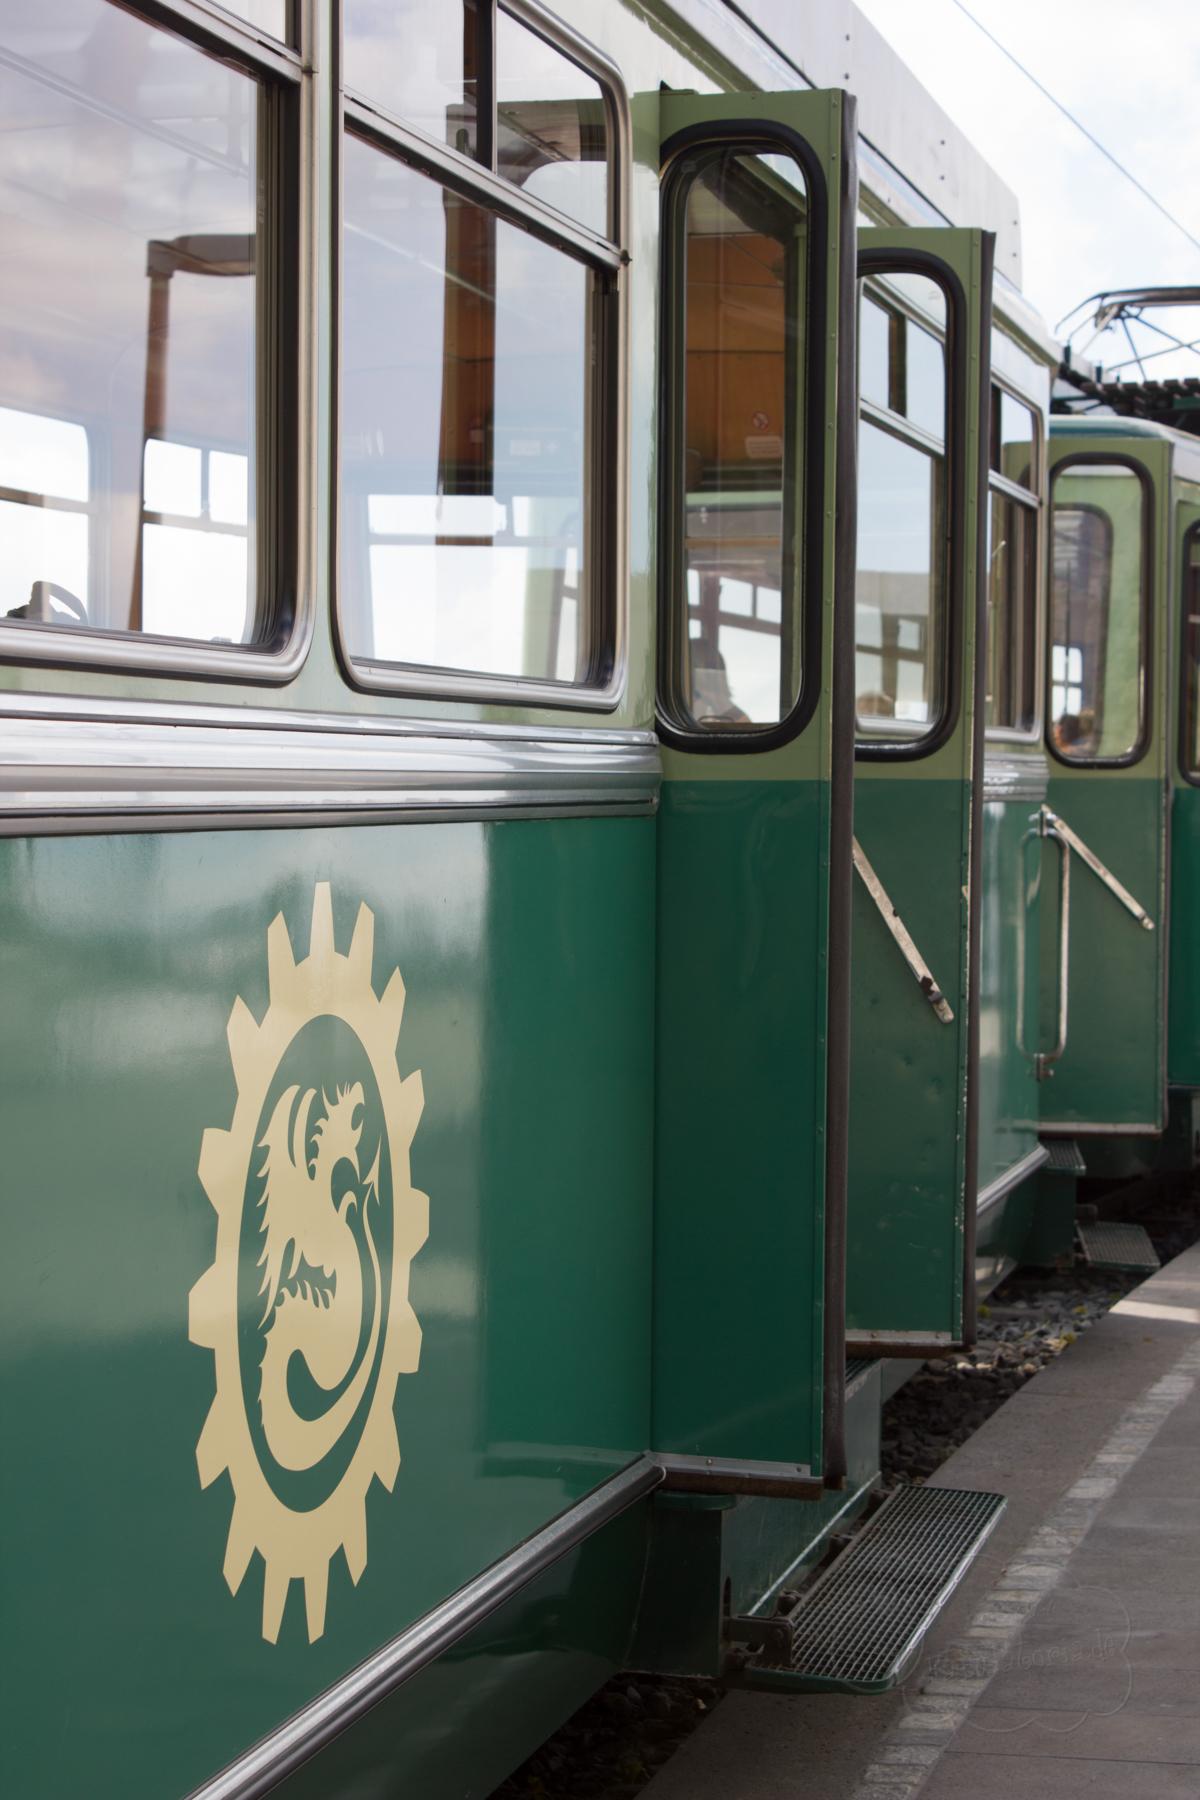 Zahnradbahn006